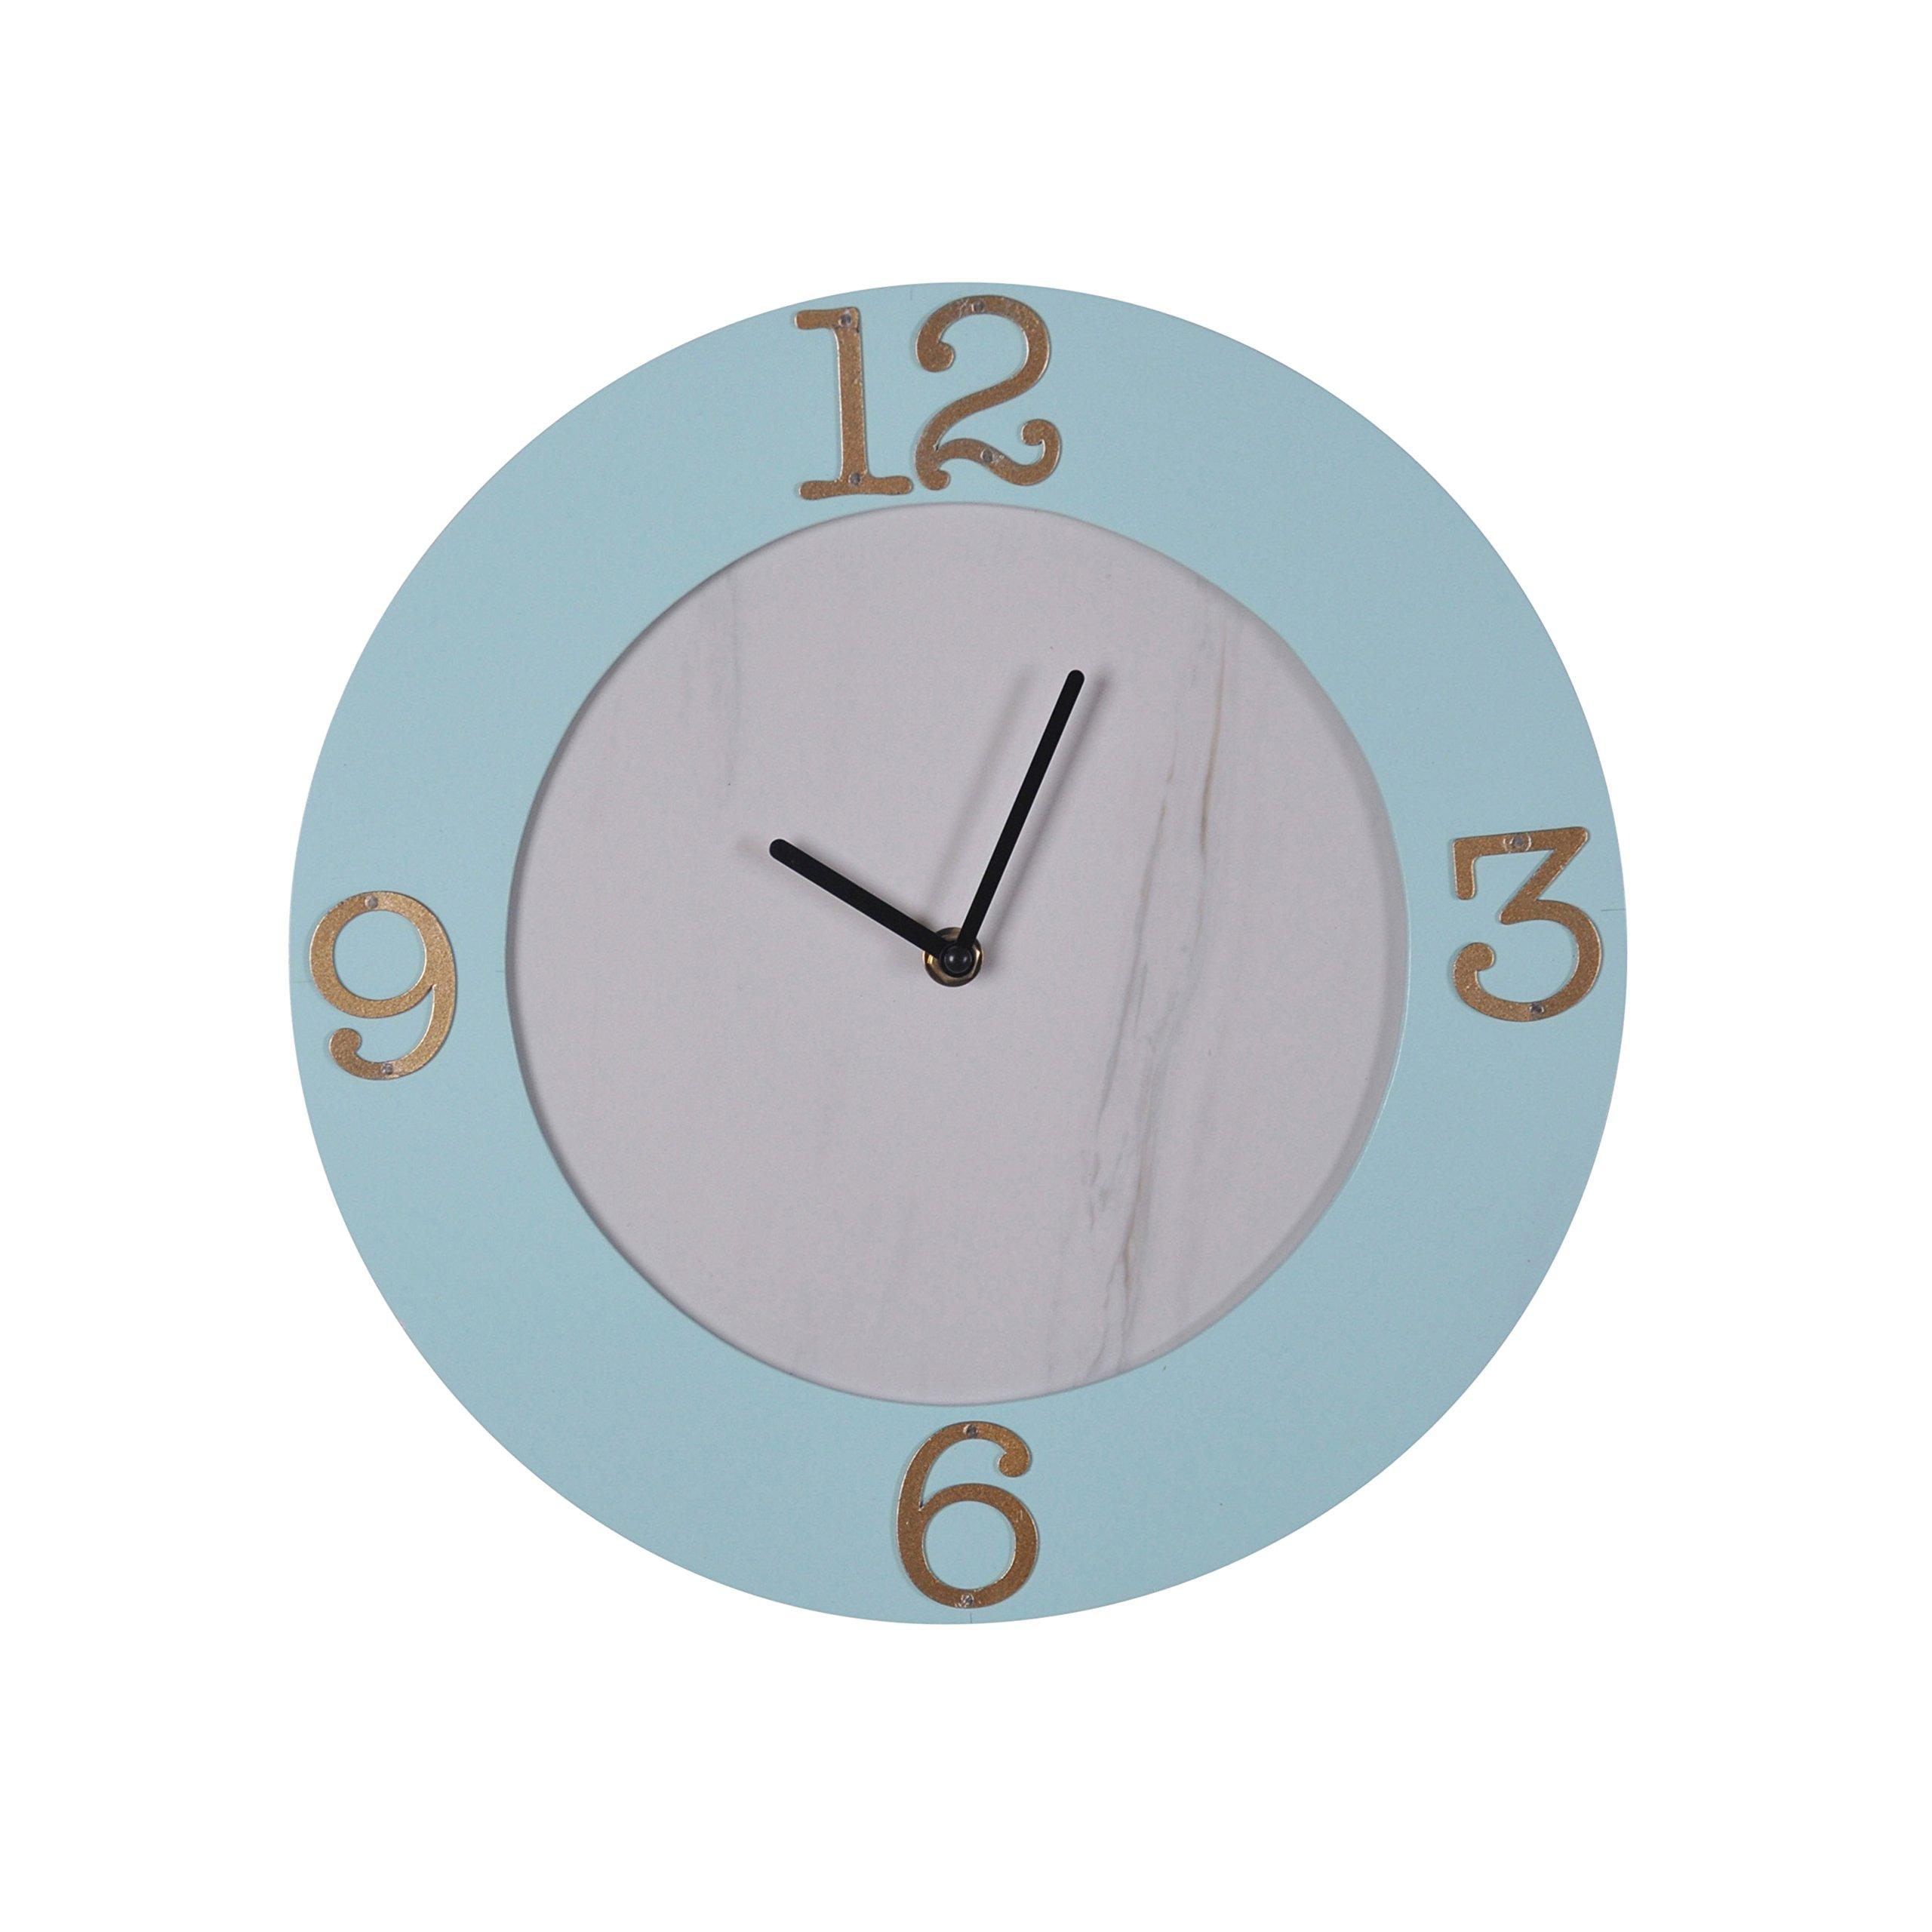 Sagebrook Home 12774 Wood Wall Clock Window Box Mdf, Pu Board, 12 x 12 x 1.25 Inches, Light Blue